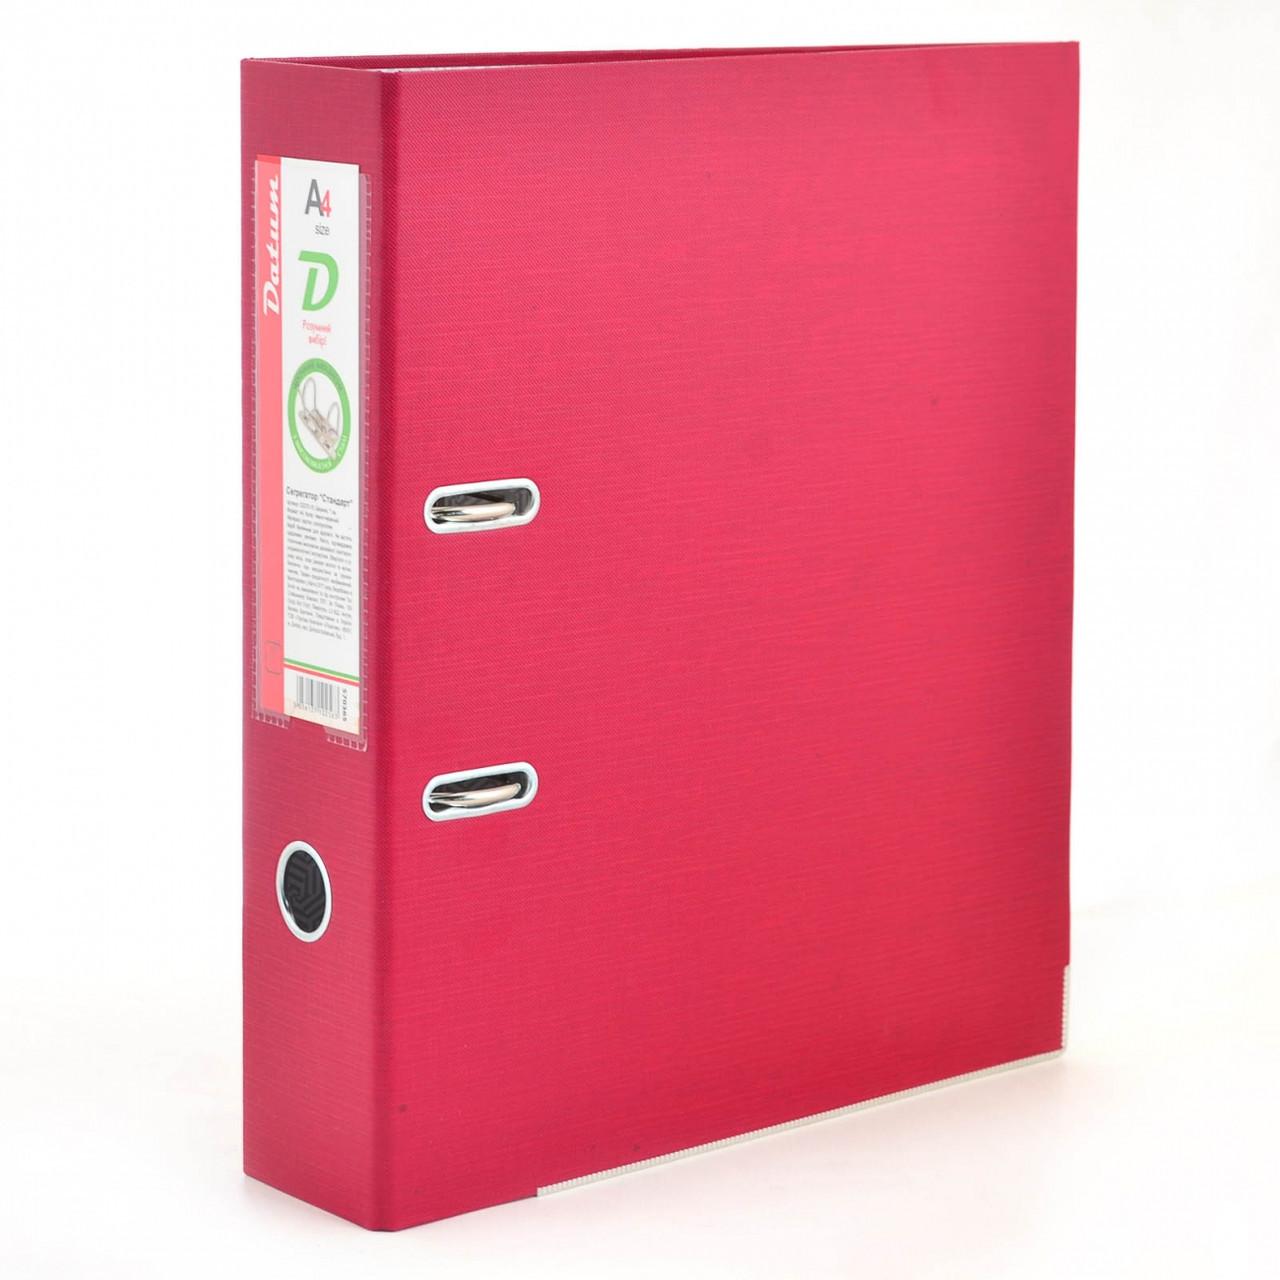 Сегрегатор (папка - регистратор)  А4/7см темно-красный D2270-15 (сборной)